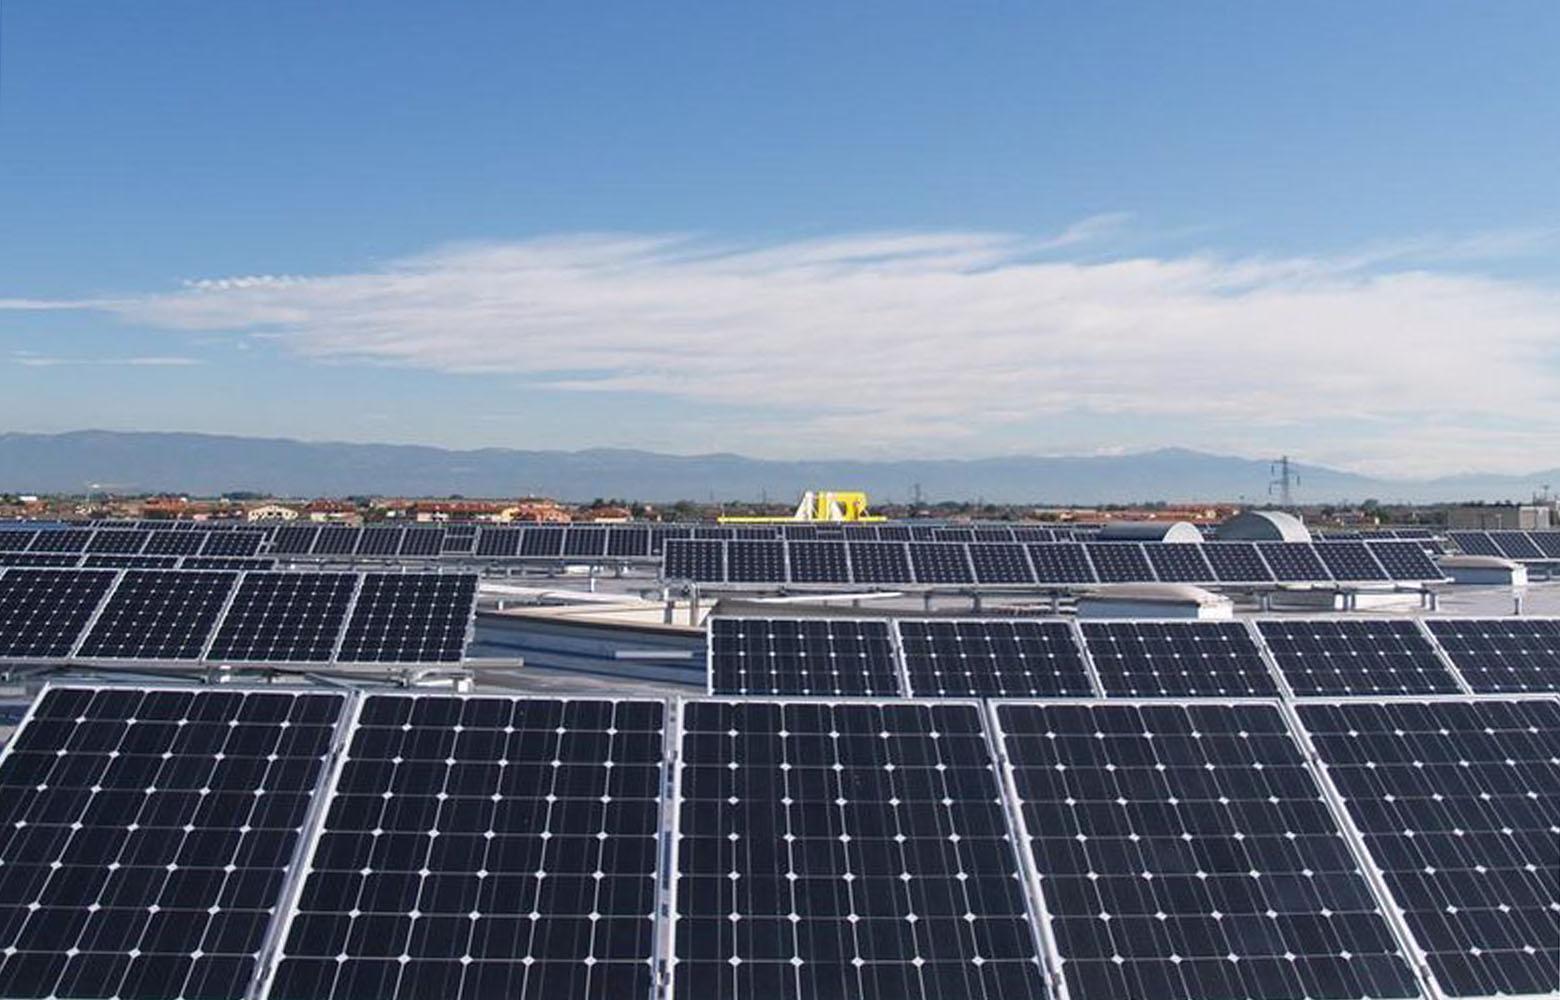 fotovoltaico-nord-sud-federalismo-solare